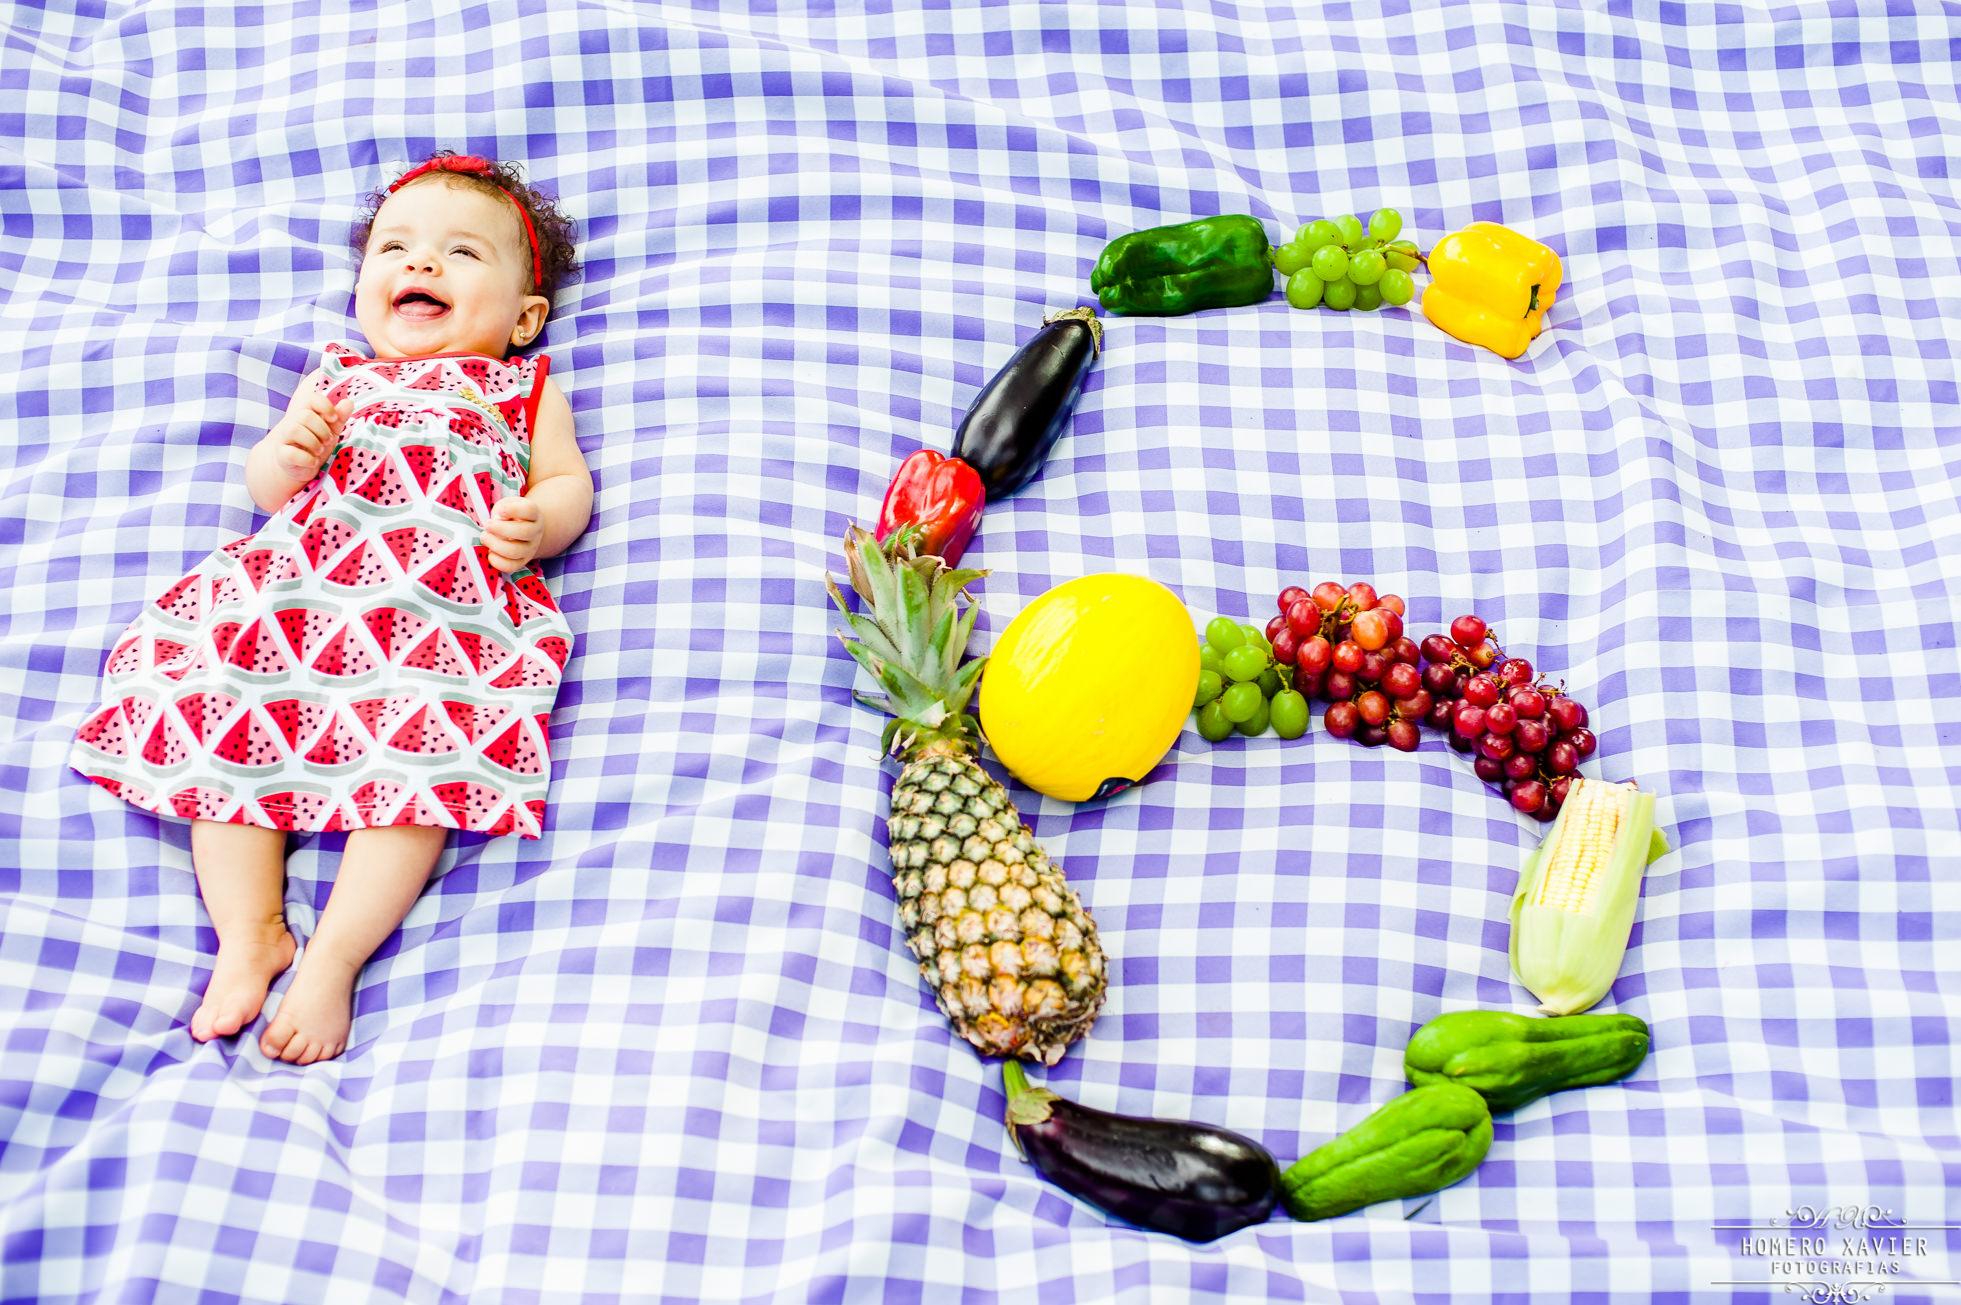 Rebeca 6 meses e família